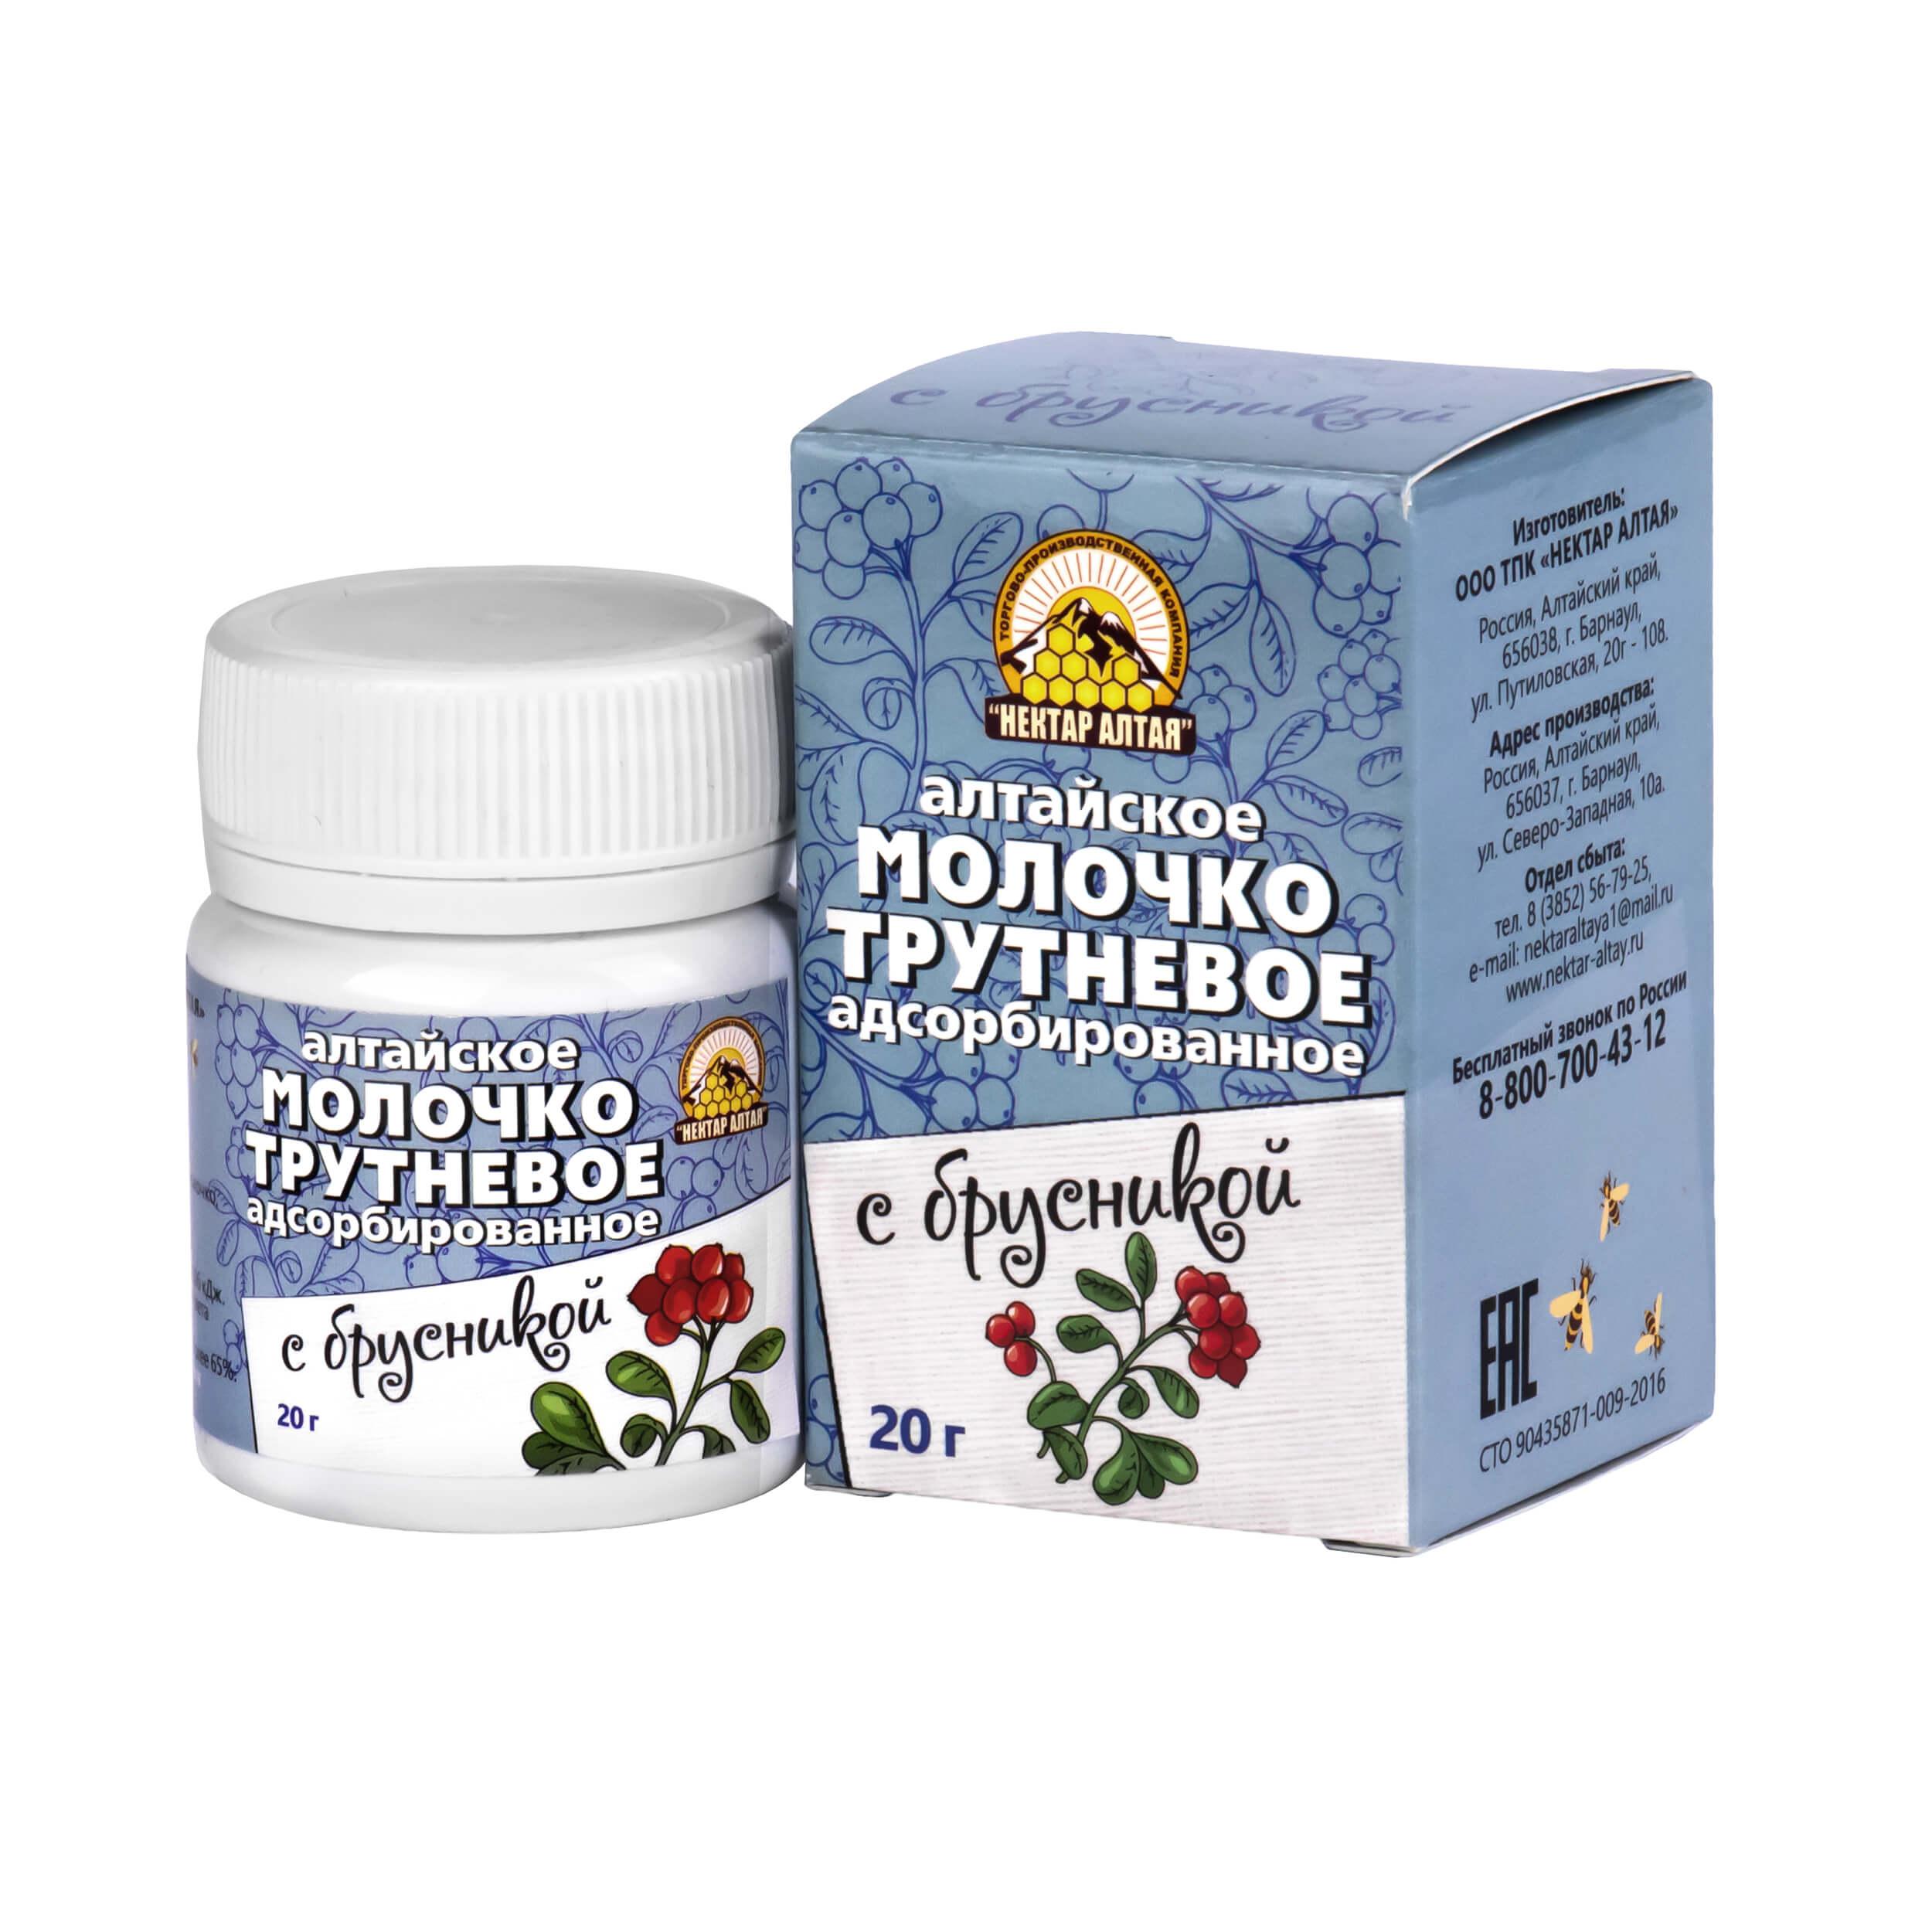 Трутневое молочко Алтайское адсорбированное с брусникой (20 грамм) фото